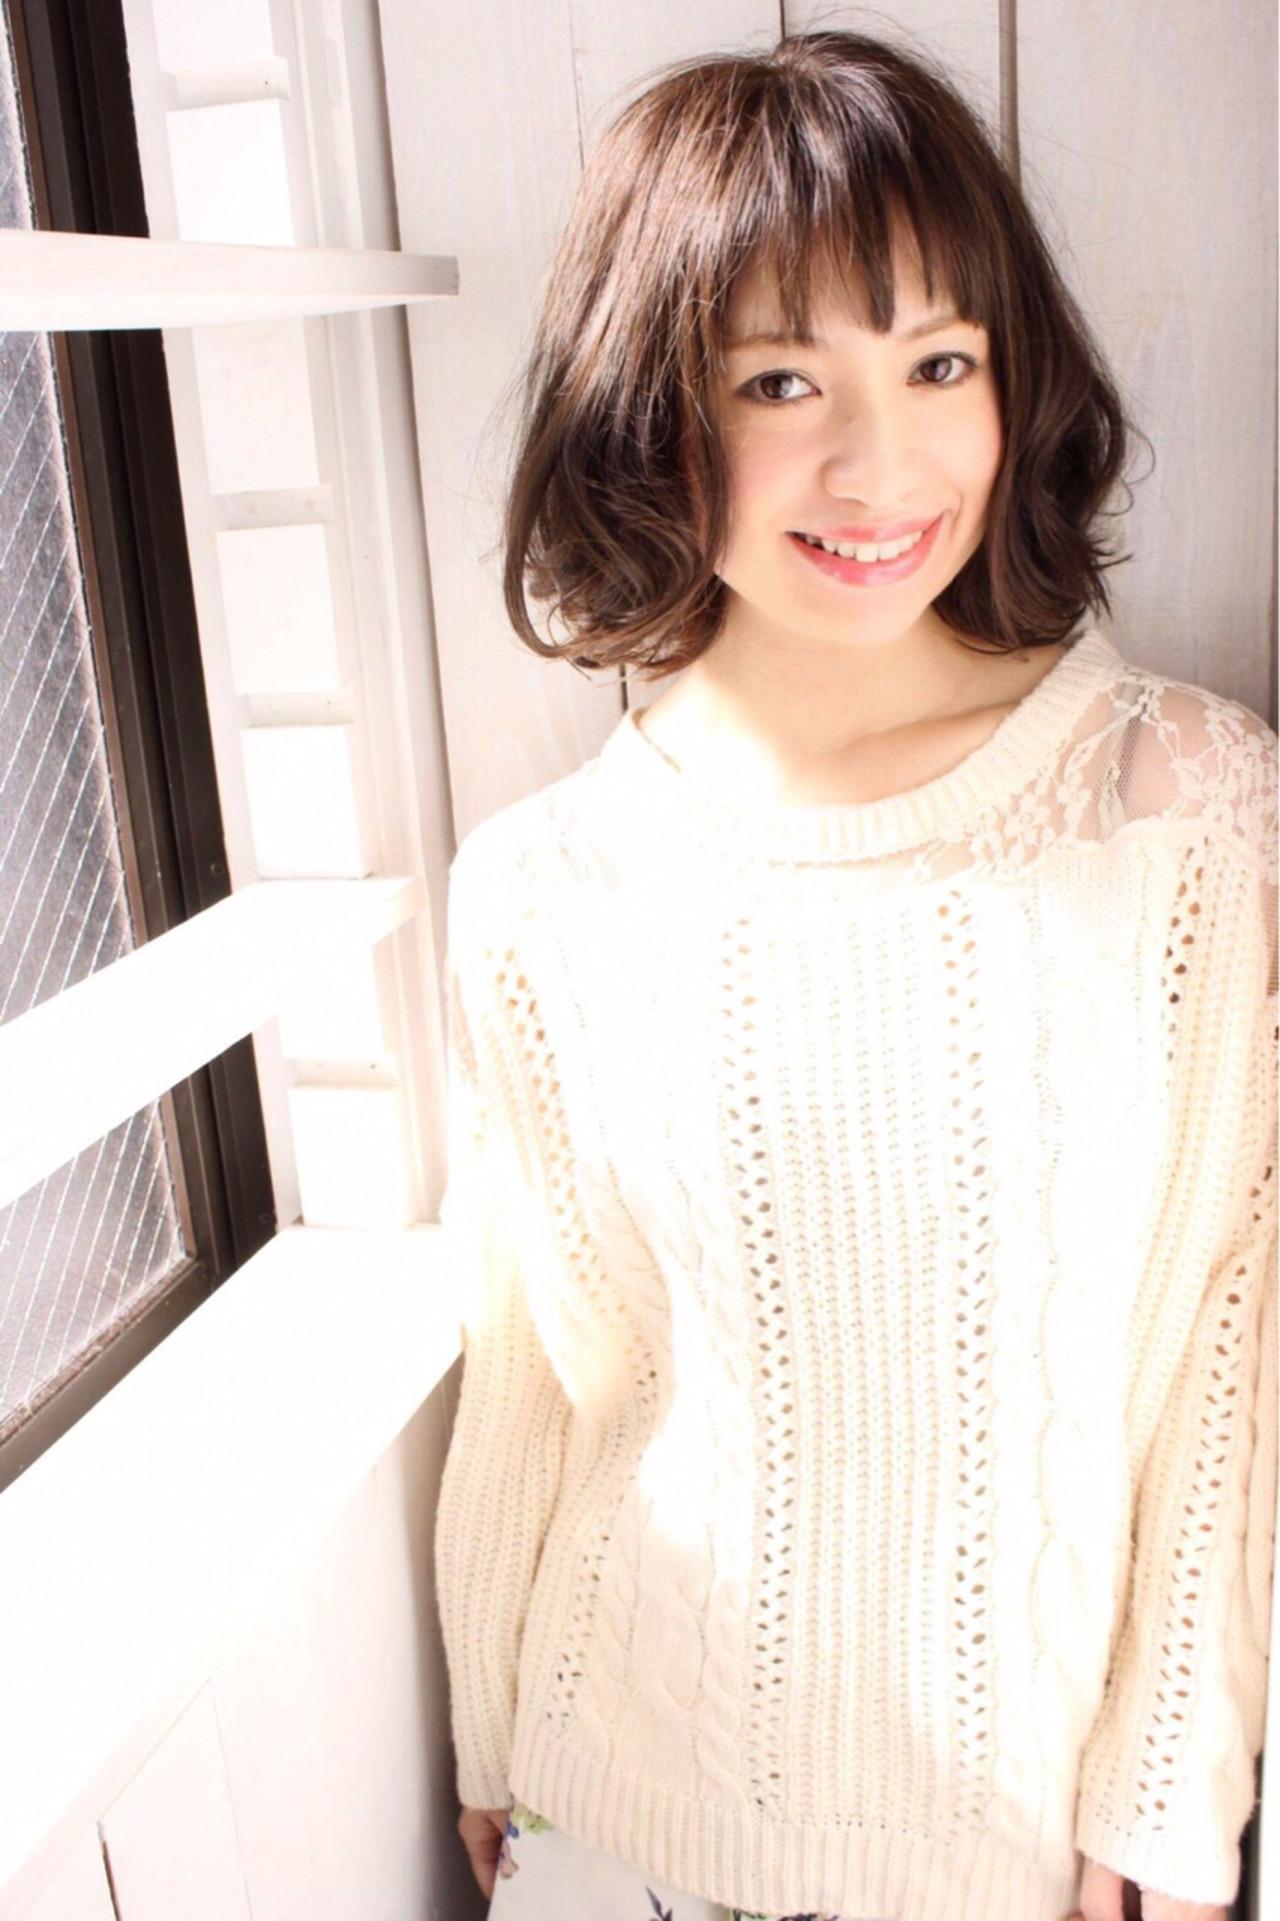 優しげなふんわり前髪でフェミニンに nanako.k